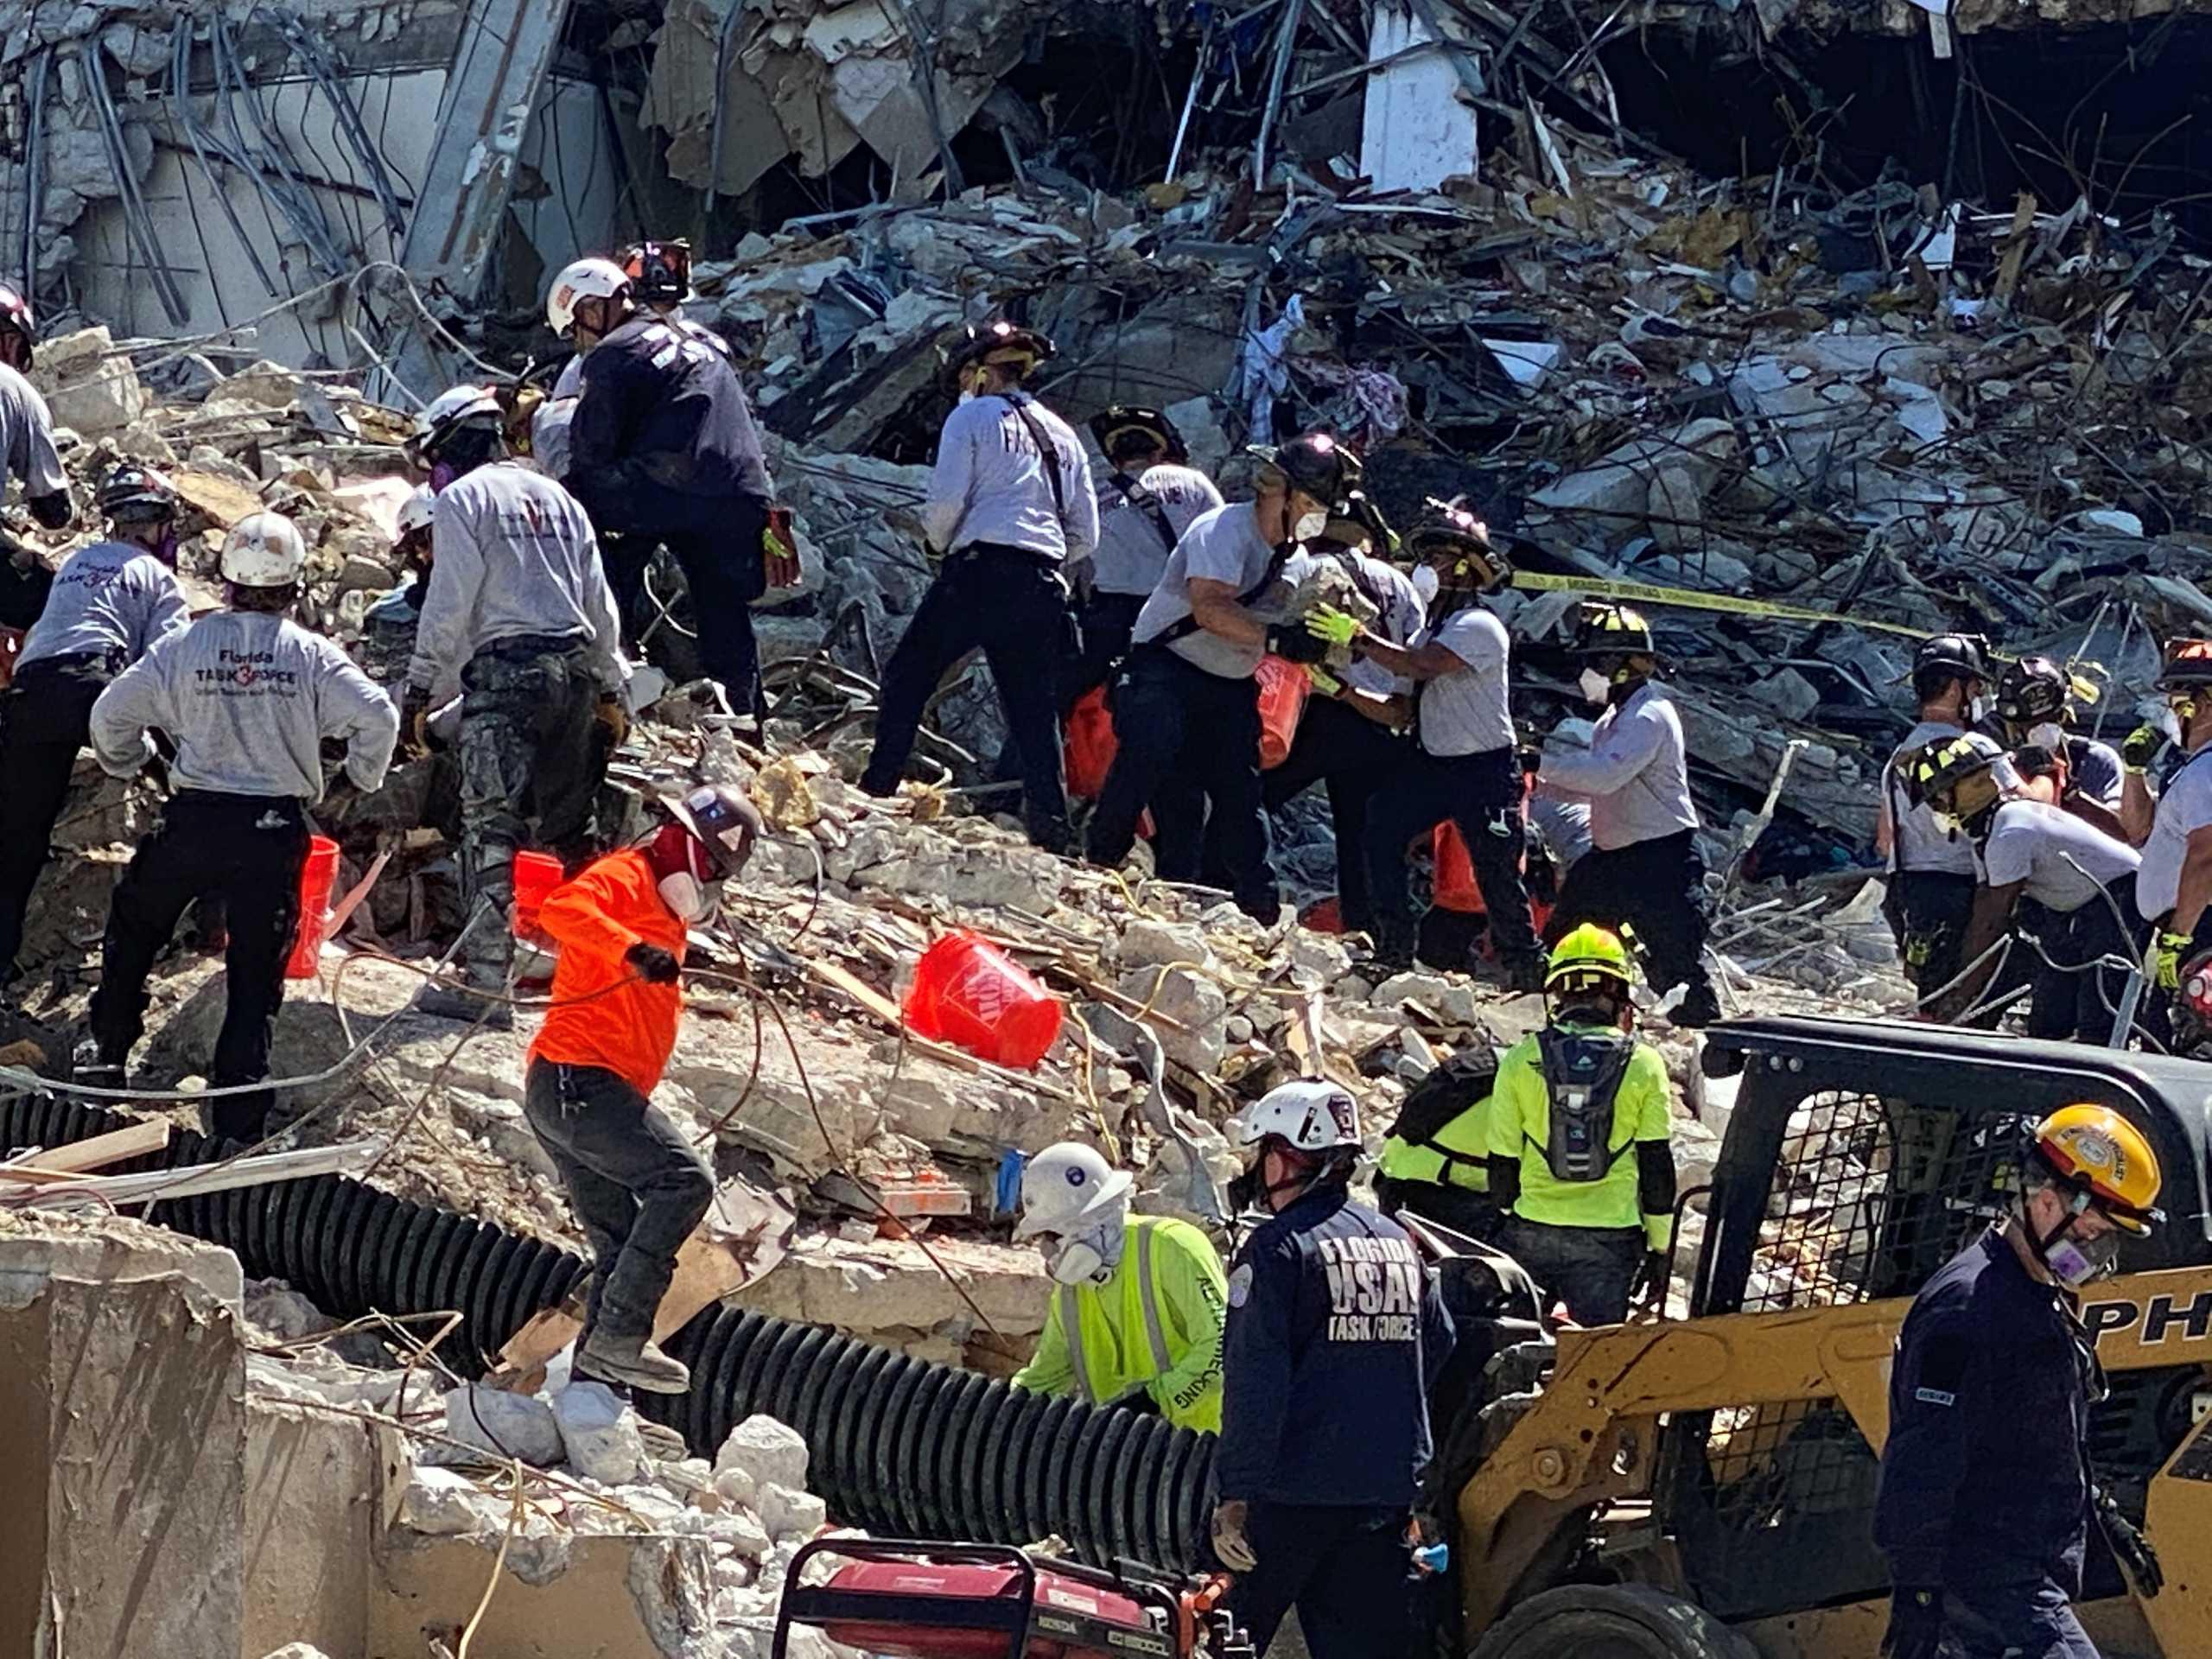 Κατάρρευση πολυκατοικίας στο Μαϊάμι: Σβήνουν οι ελπίδες για επιζώντες- «Ενδέχεται να ανασυρθούν διαμελισμένοι» (pics, vid)